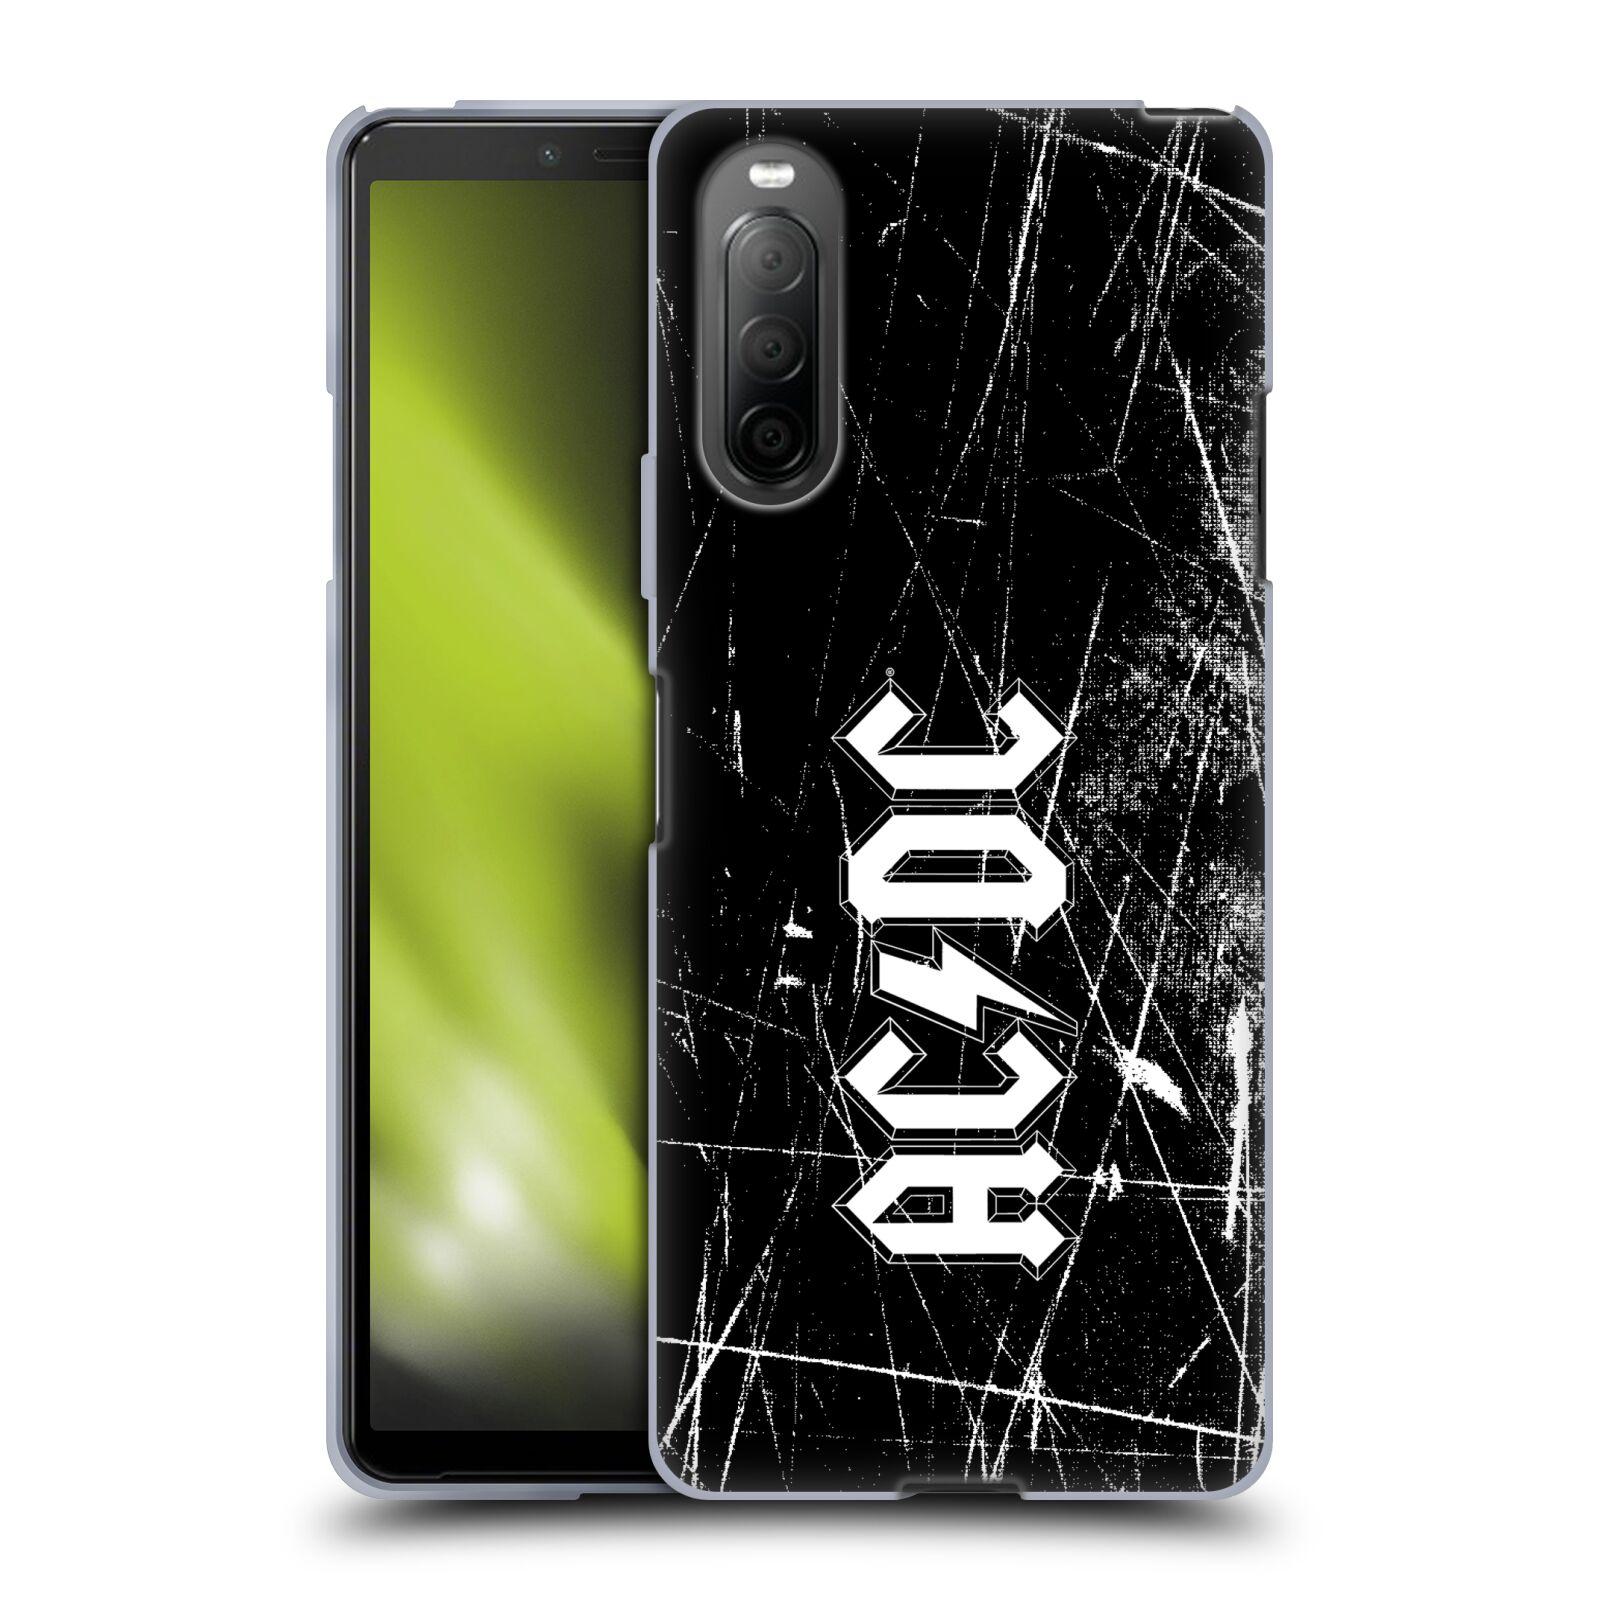 Silikonové pouzdro na mobil Sony Xperia 10 II - Head Case - AC/DC Černobílé logo